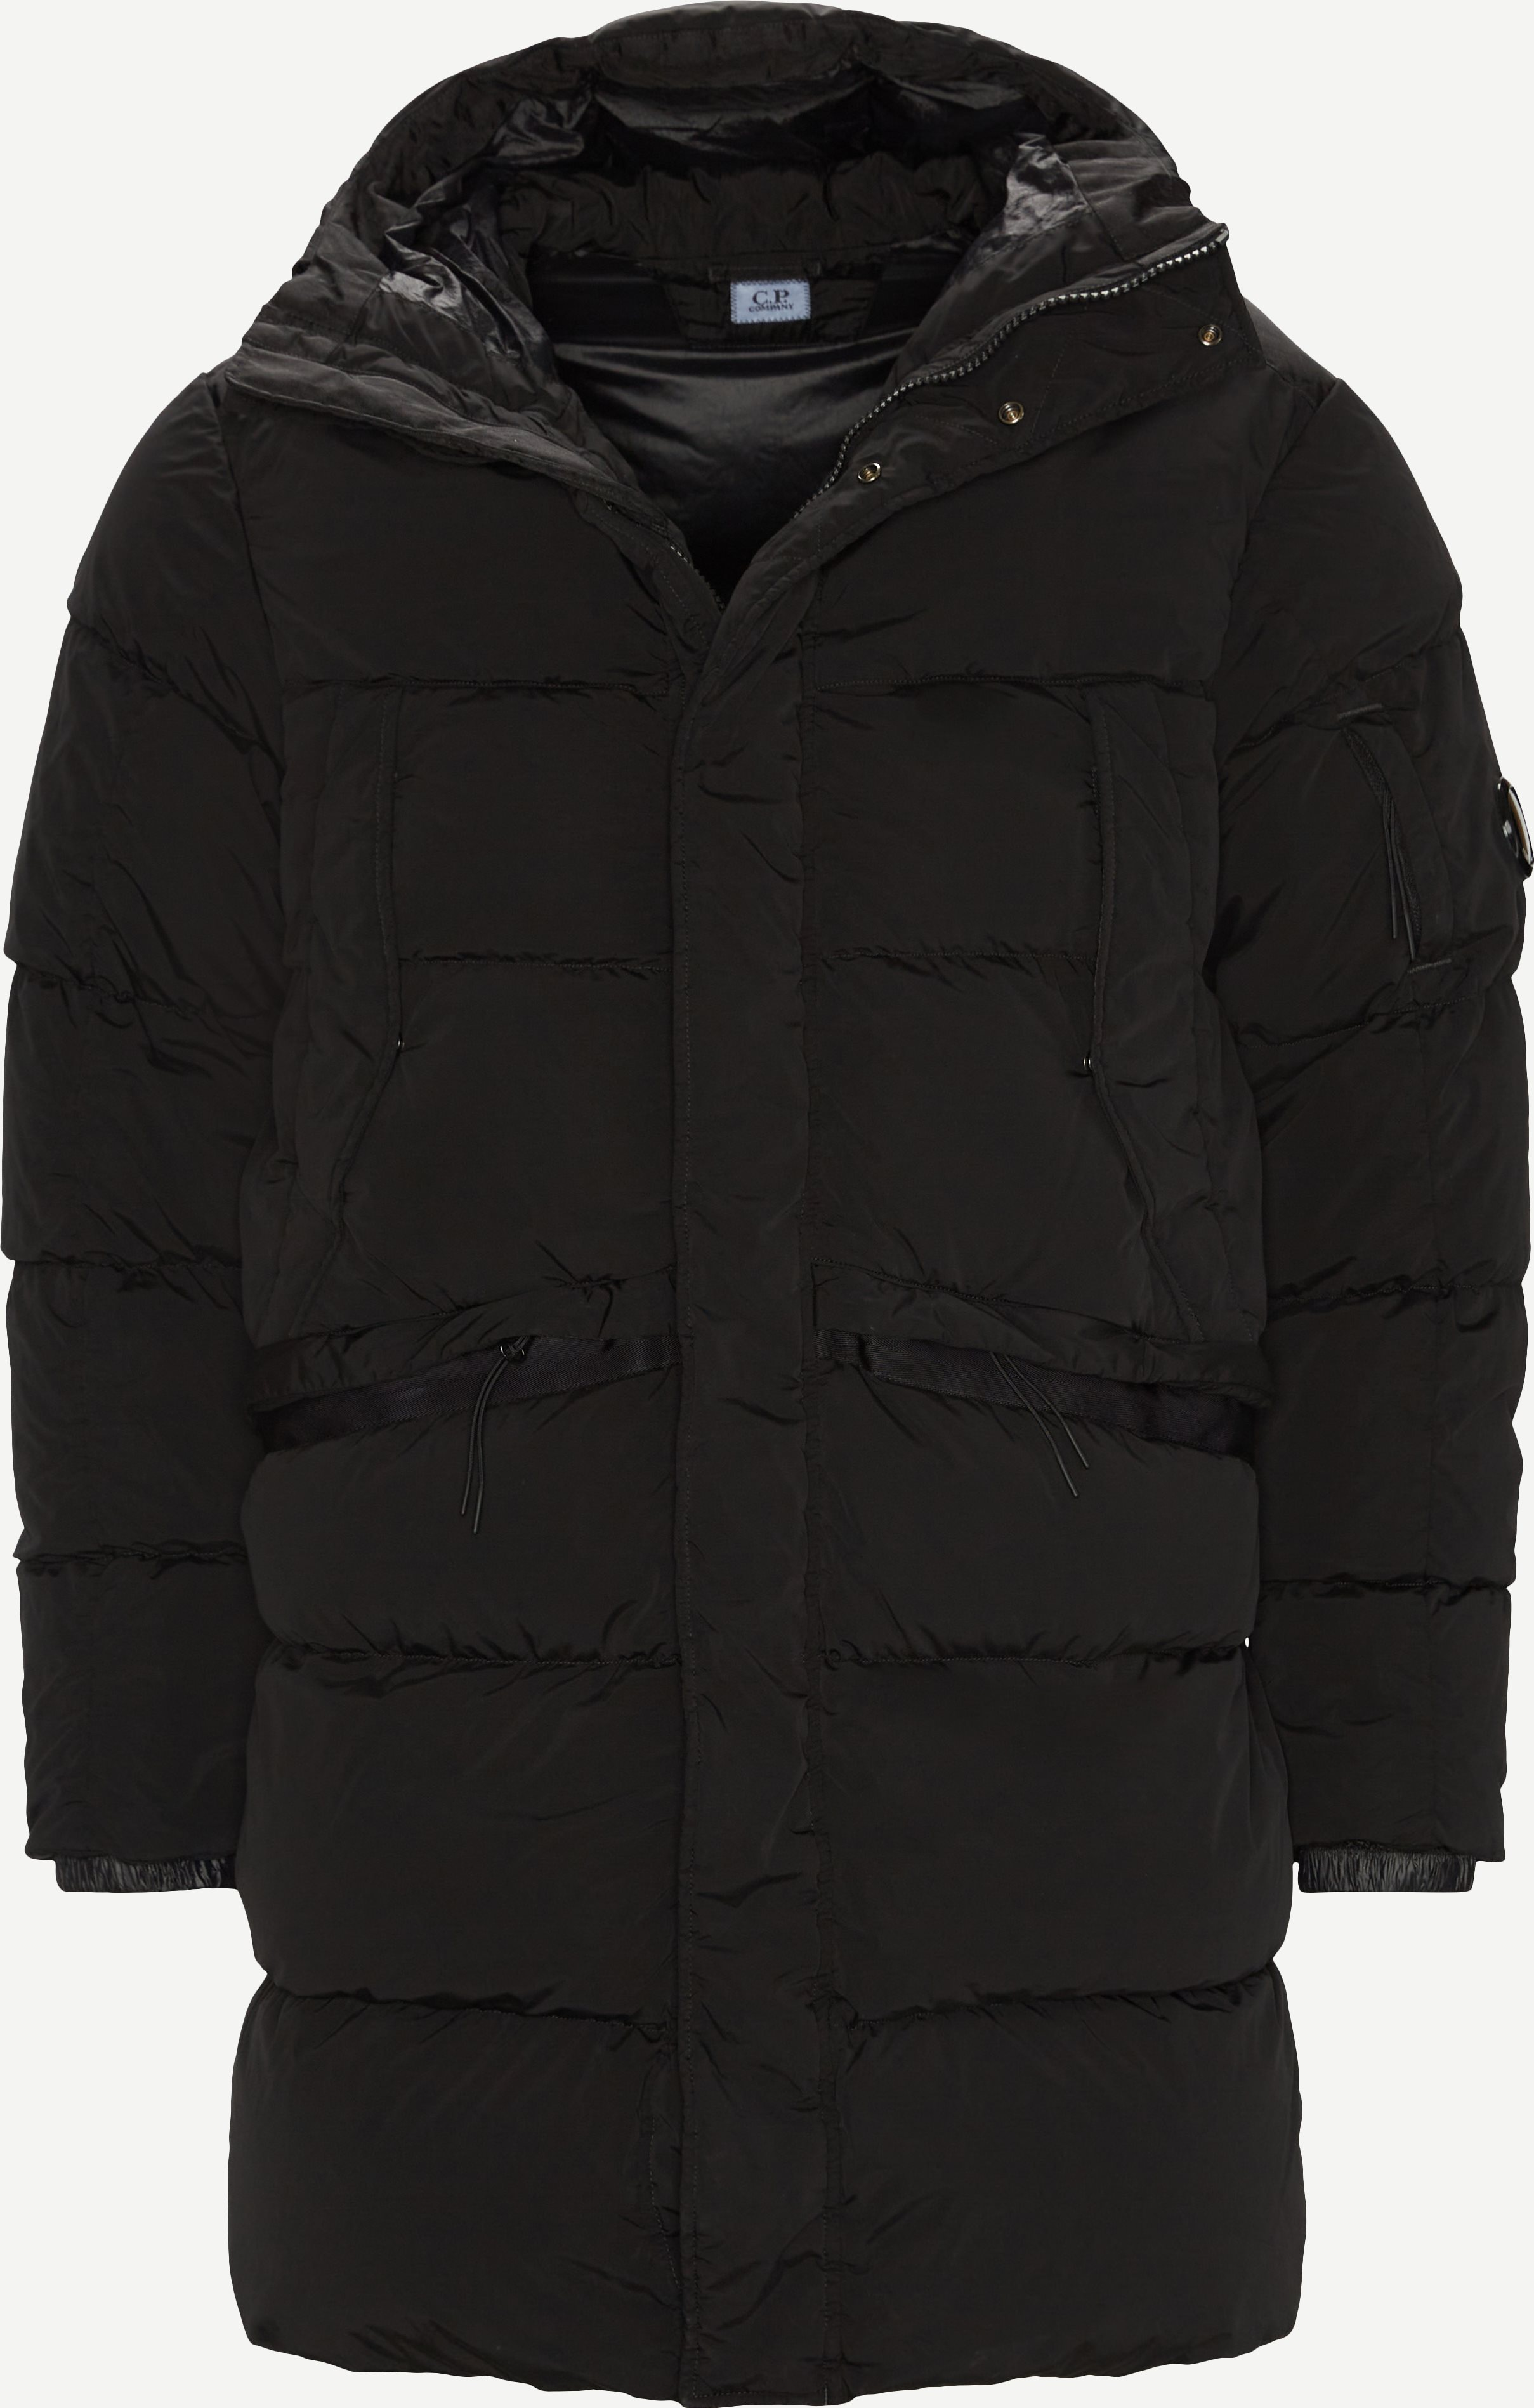 Long Down Jacket - Jakker - Regular fit - Sort